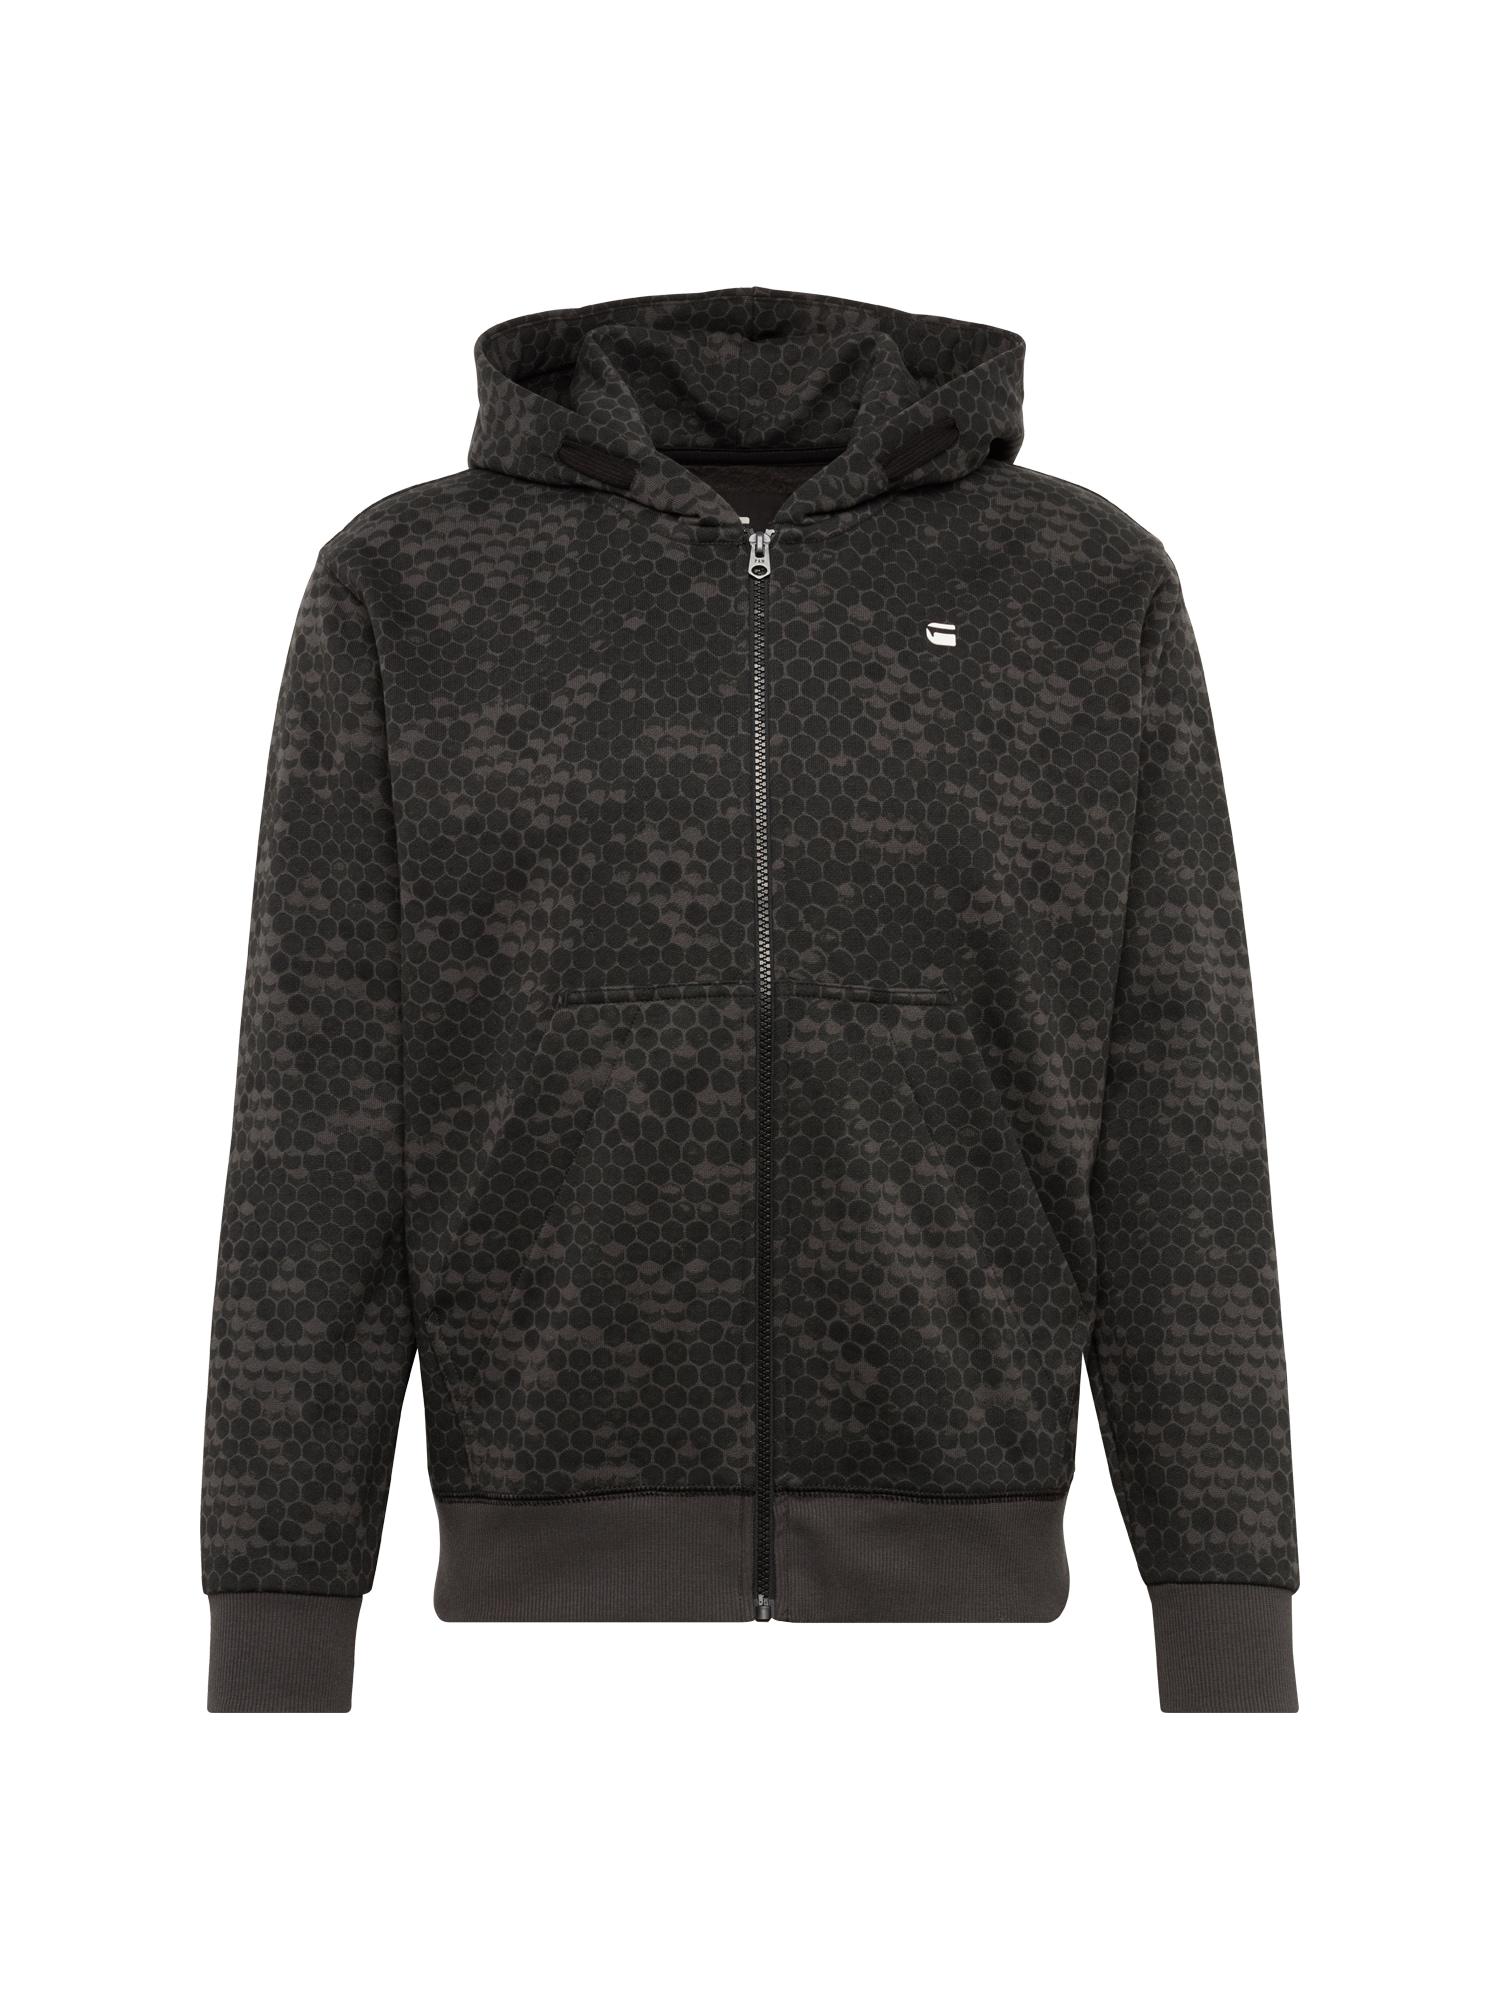 G-STAR RAW Heren Sweatvest Core hoc hooded zip sw l s zwart